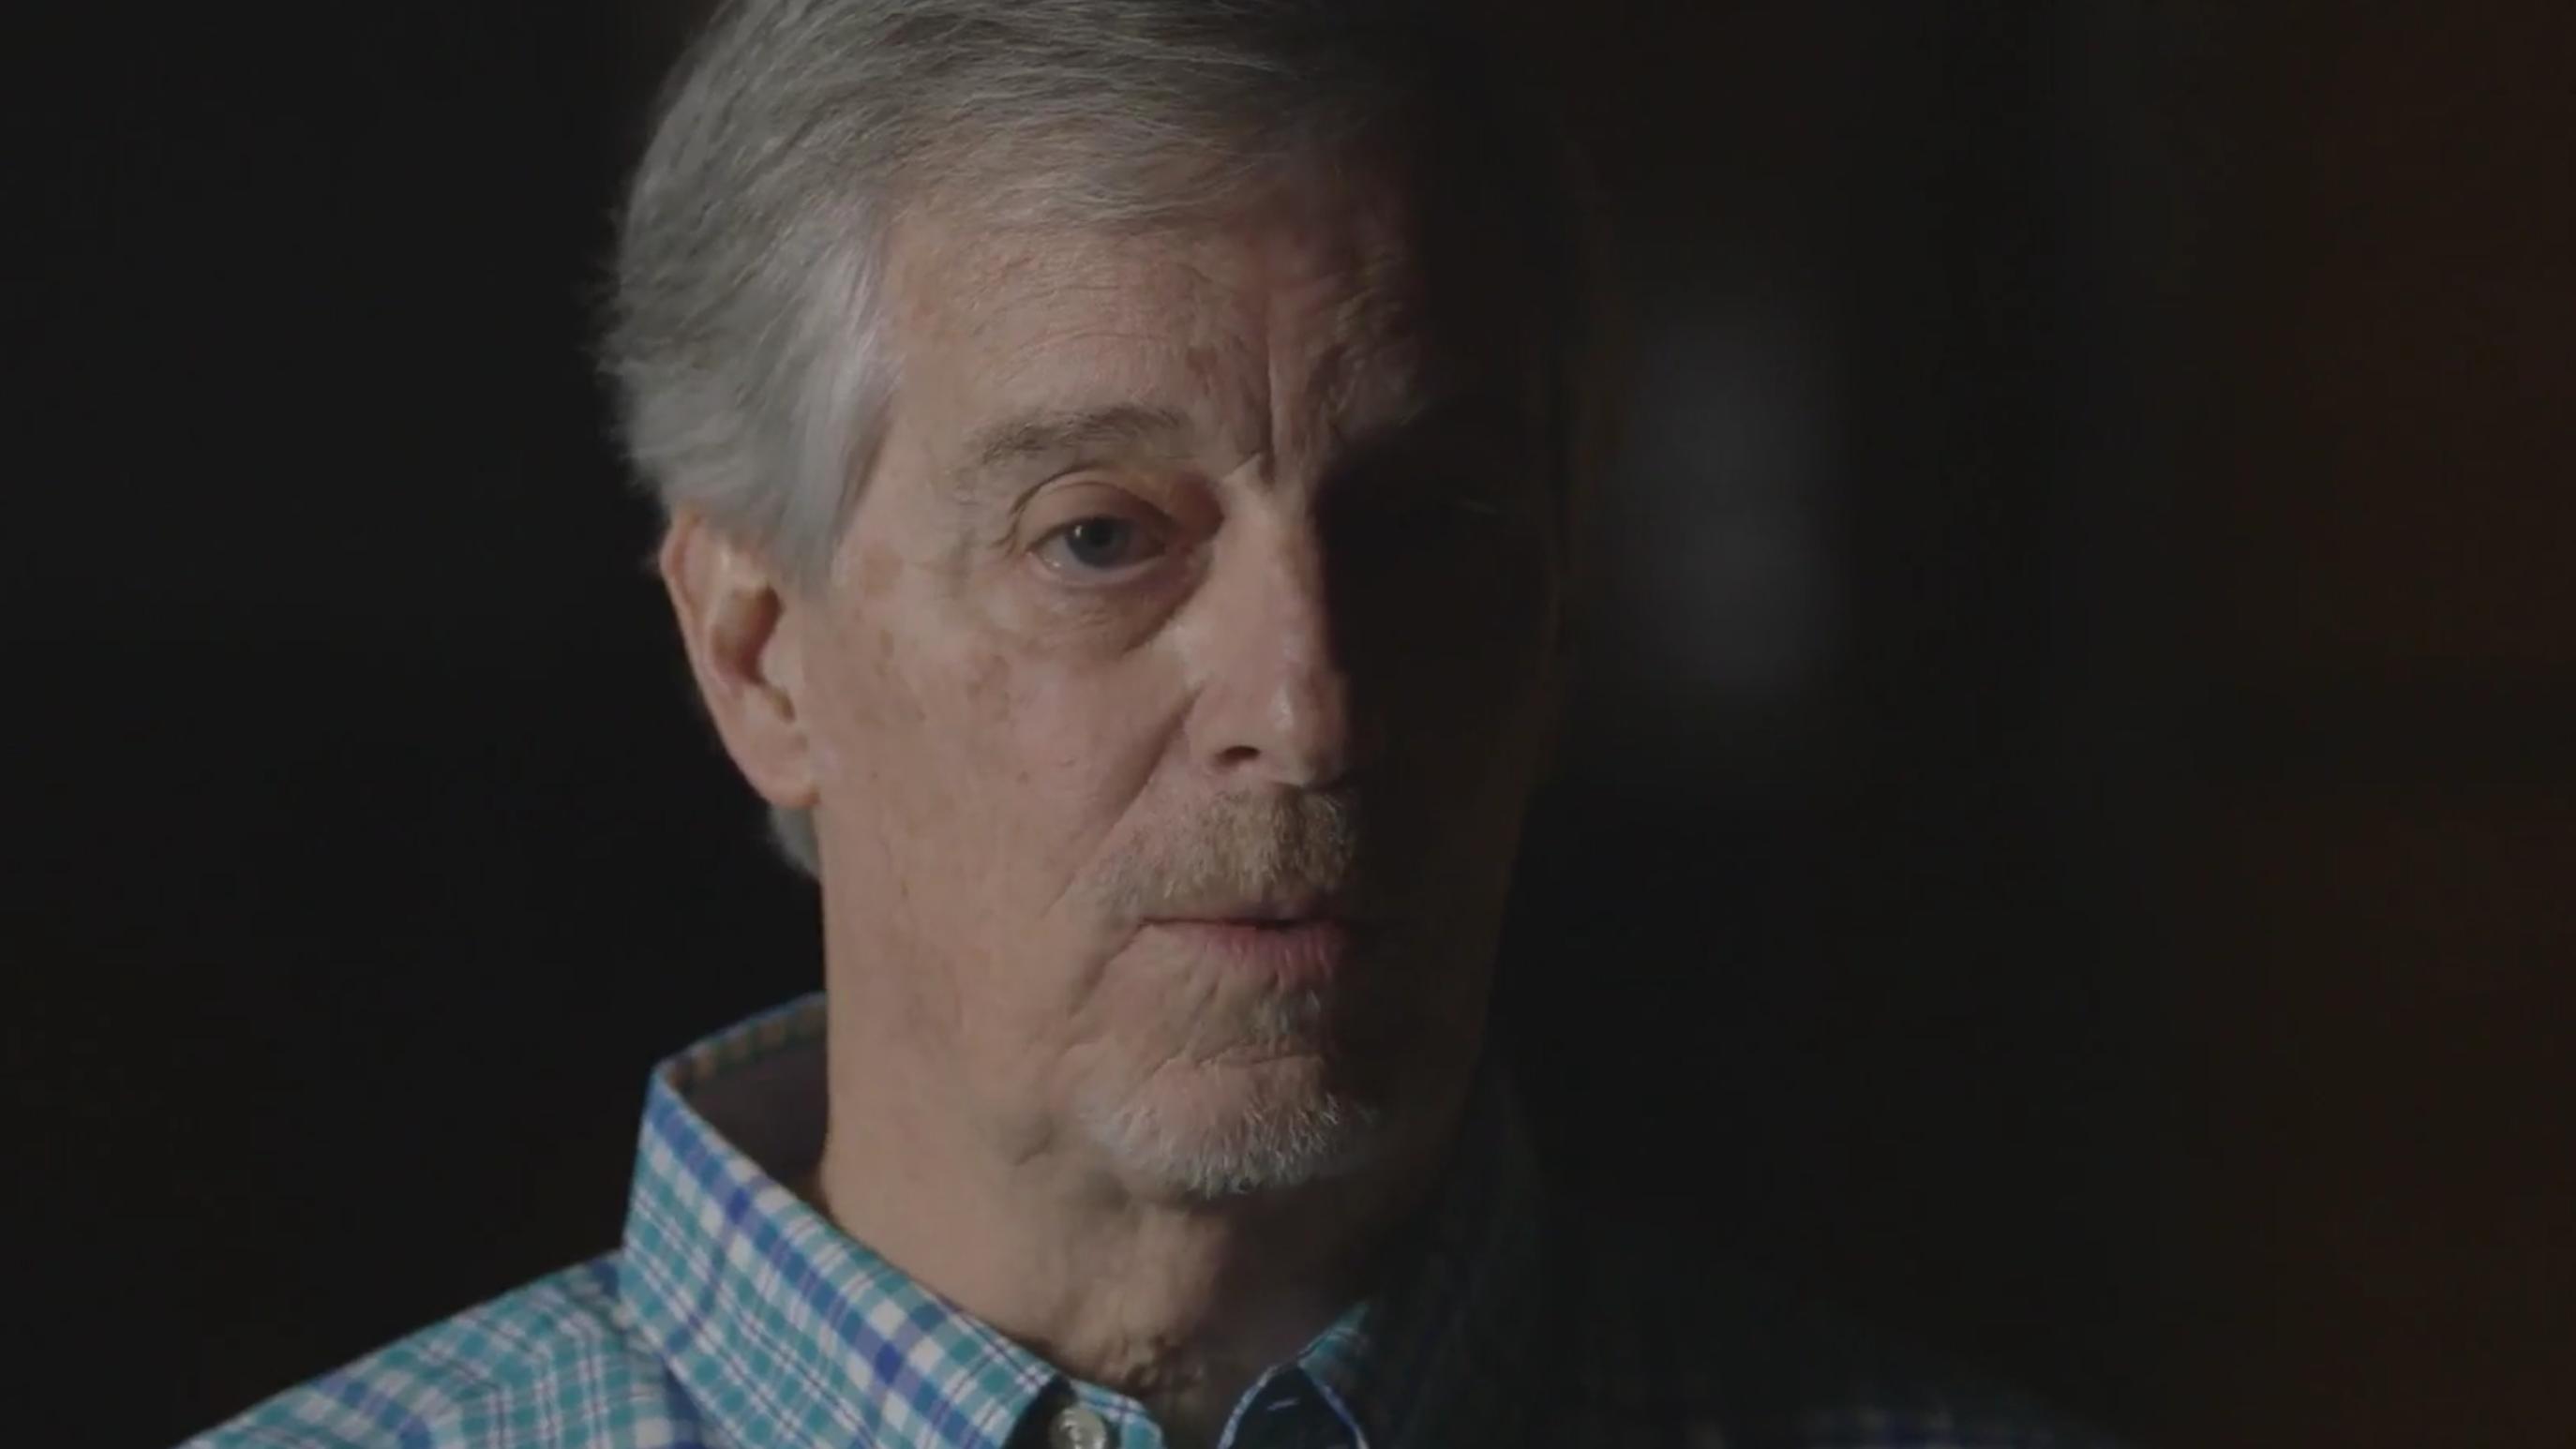 Cimer s koledža Richarda Rogersa podsjeća na serijskog ubojicu s blagim manirama - prije nego što je ubio sljedećeg cimera